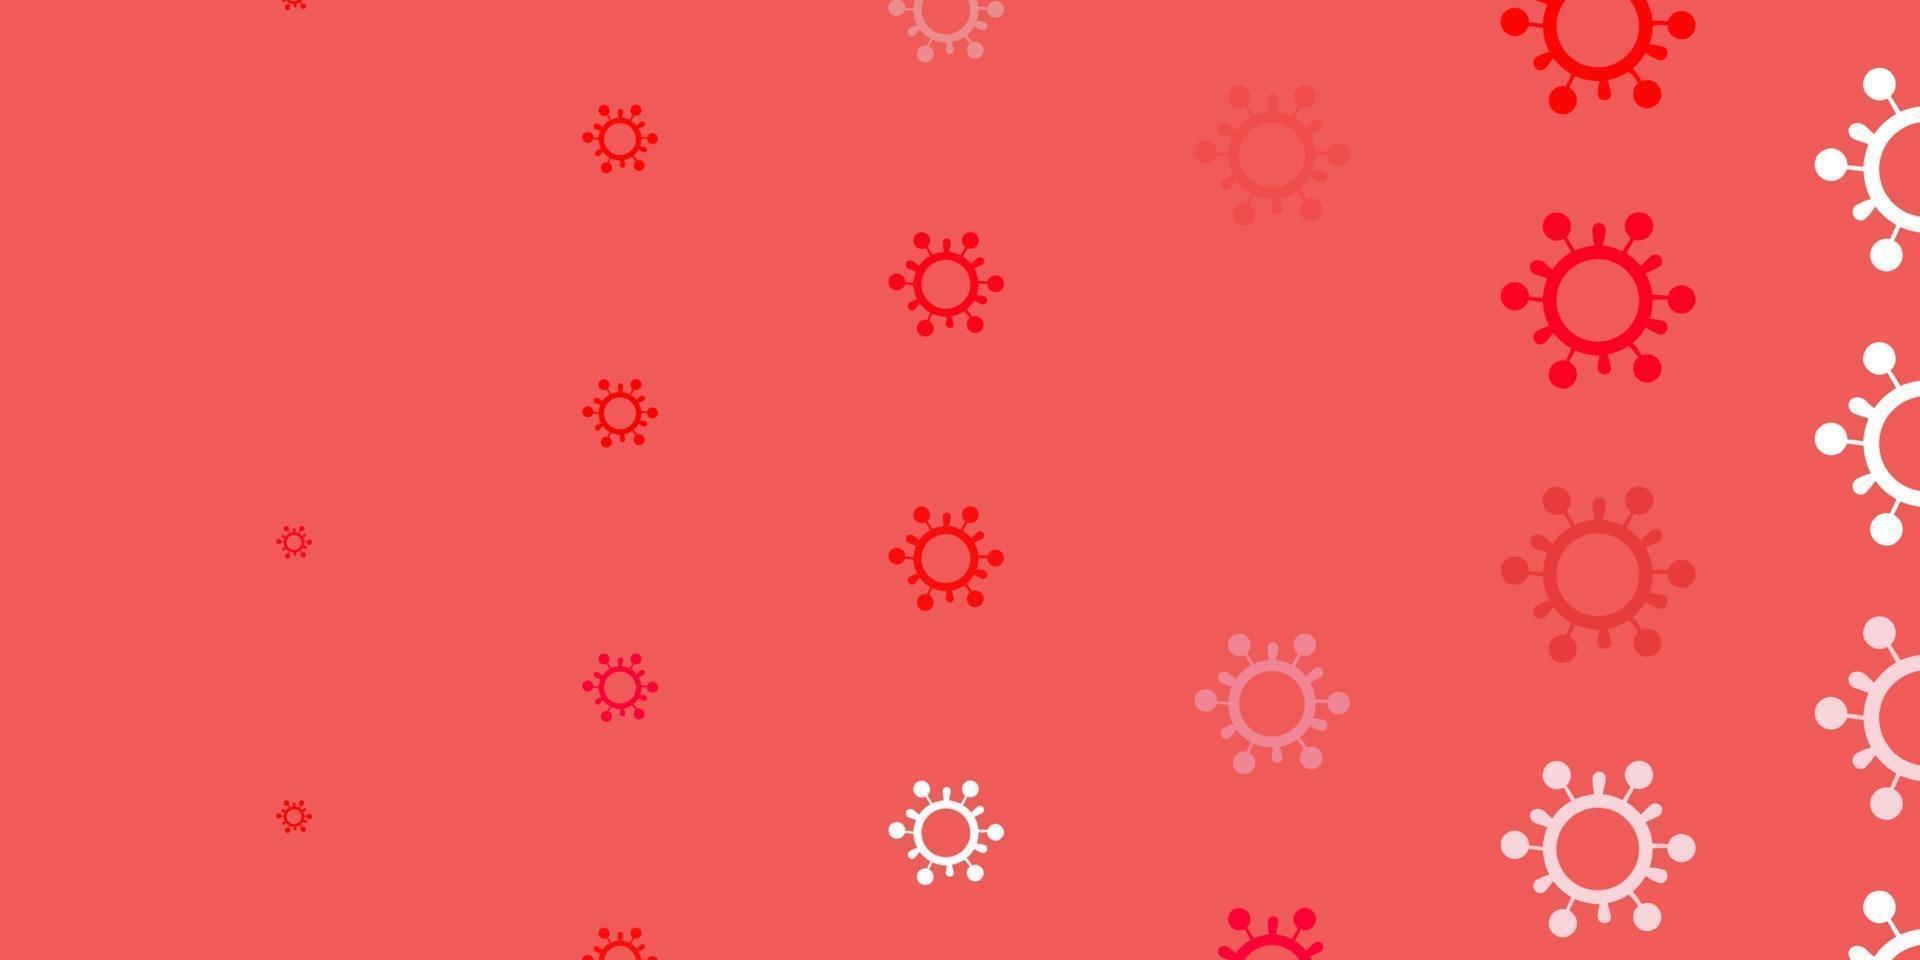 Fondo de vector rosa claro, rojo con símbolos covid-19.